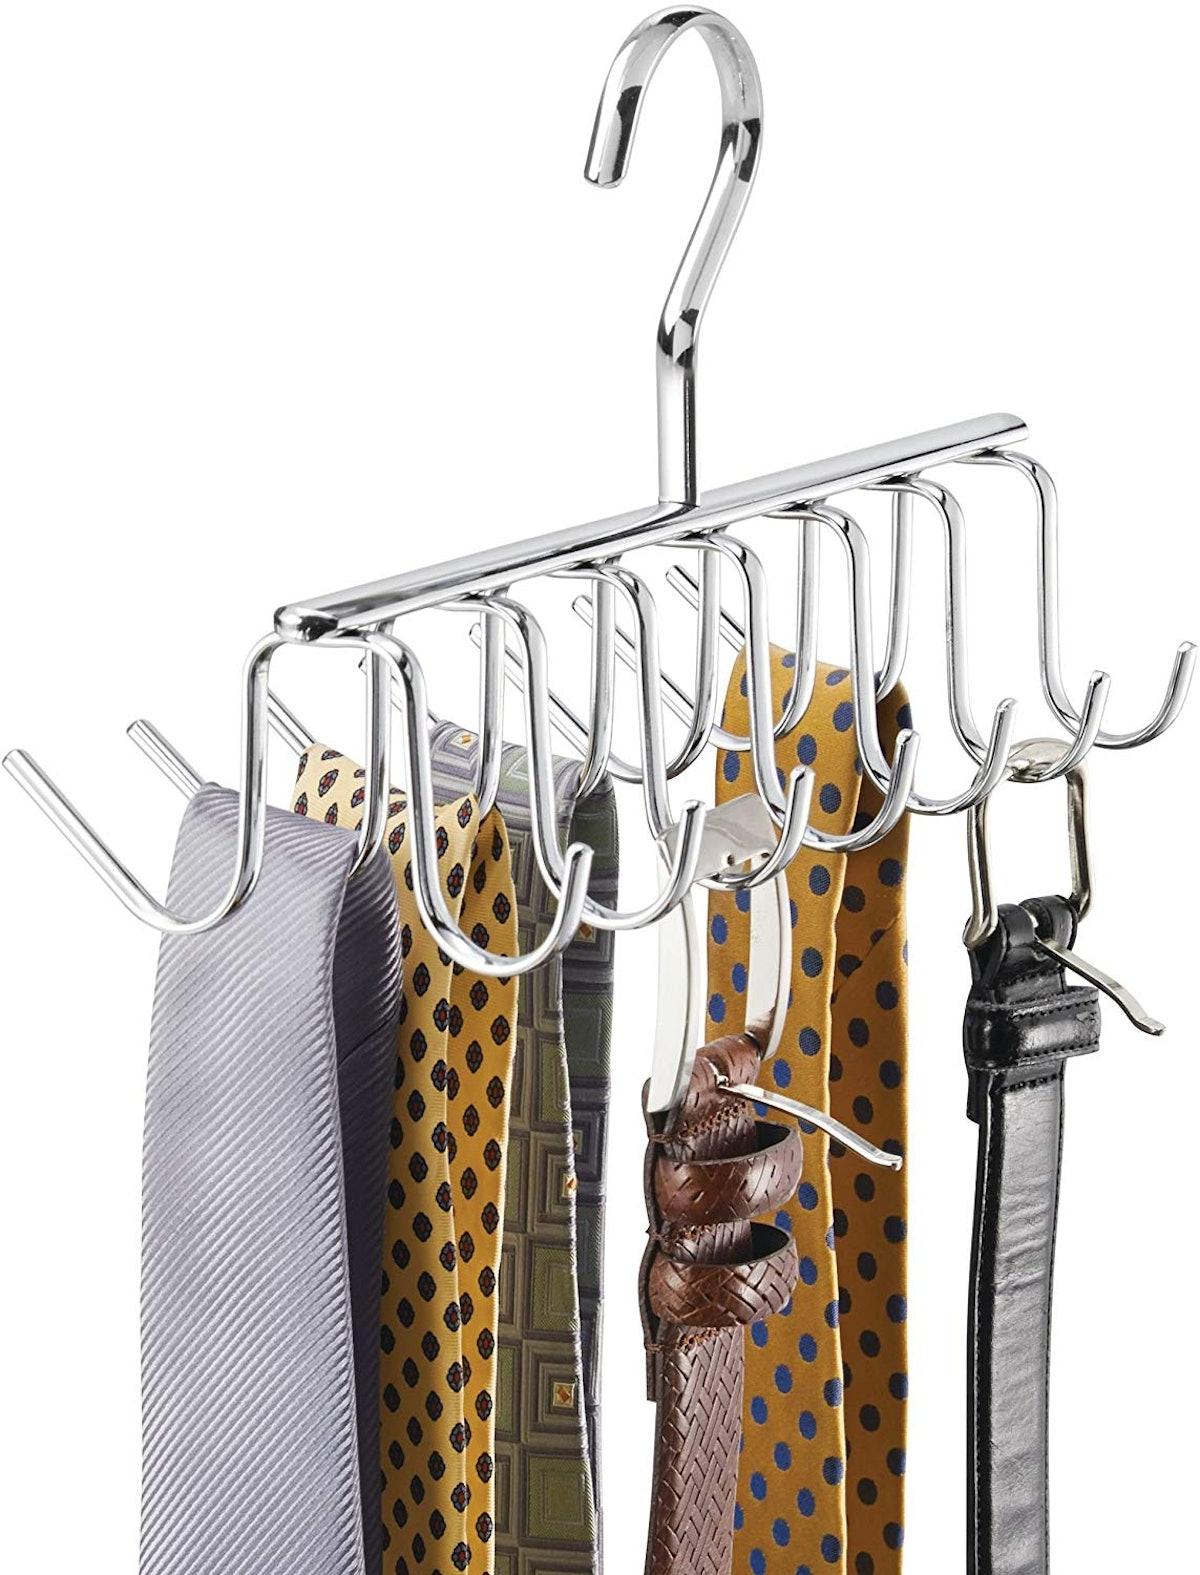 iDesign Belt And Tie Hanger